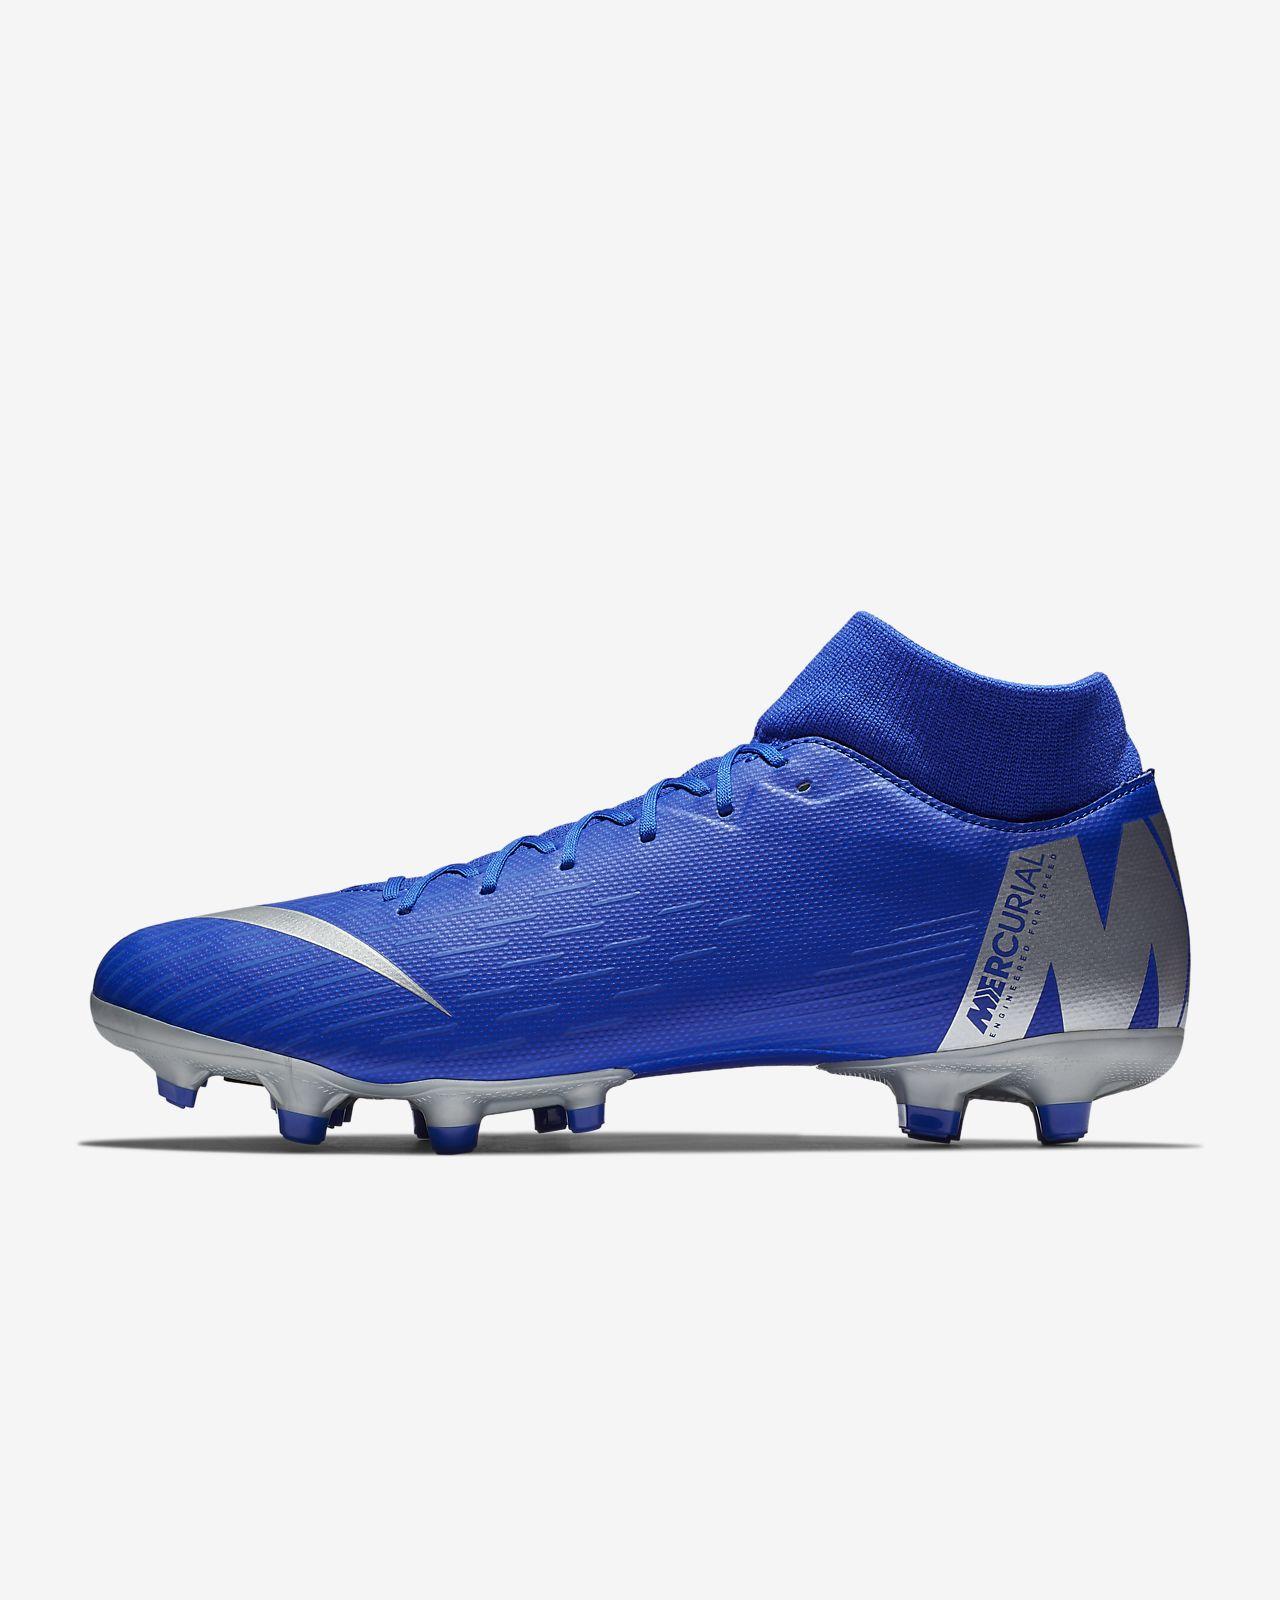 best sneakers fa68a f2292 ... Fotbollssko för varierat underlag Nike Mercurial Superfly 6 Academy MG  för män